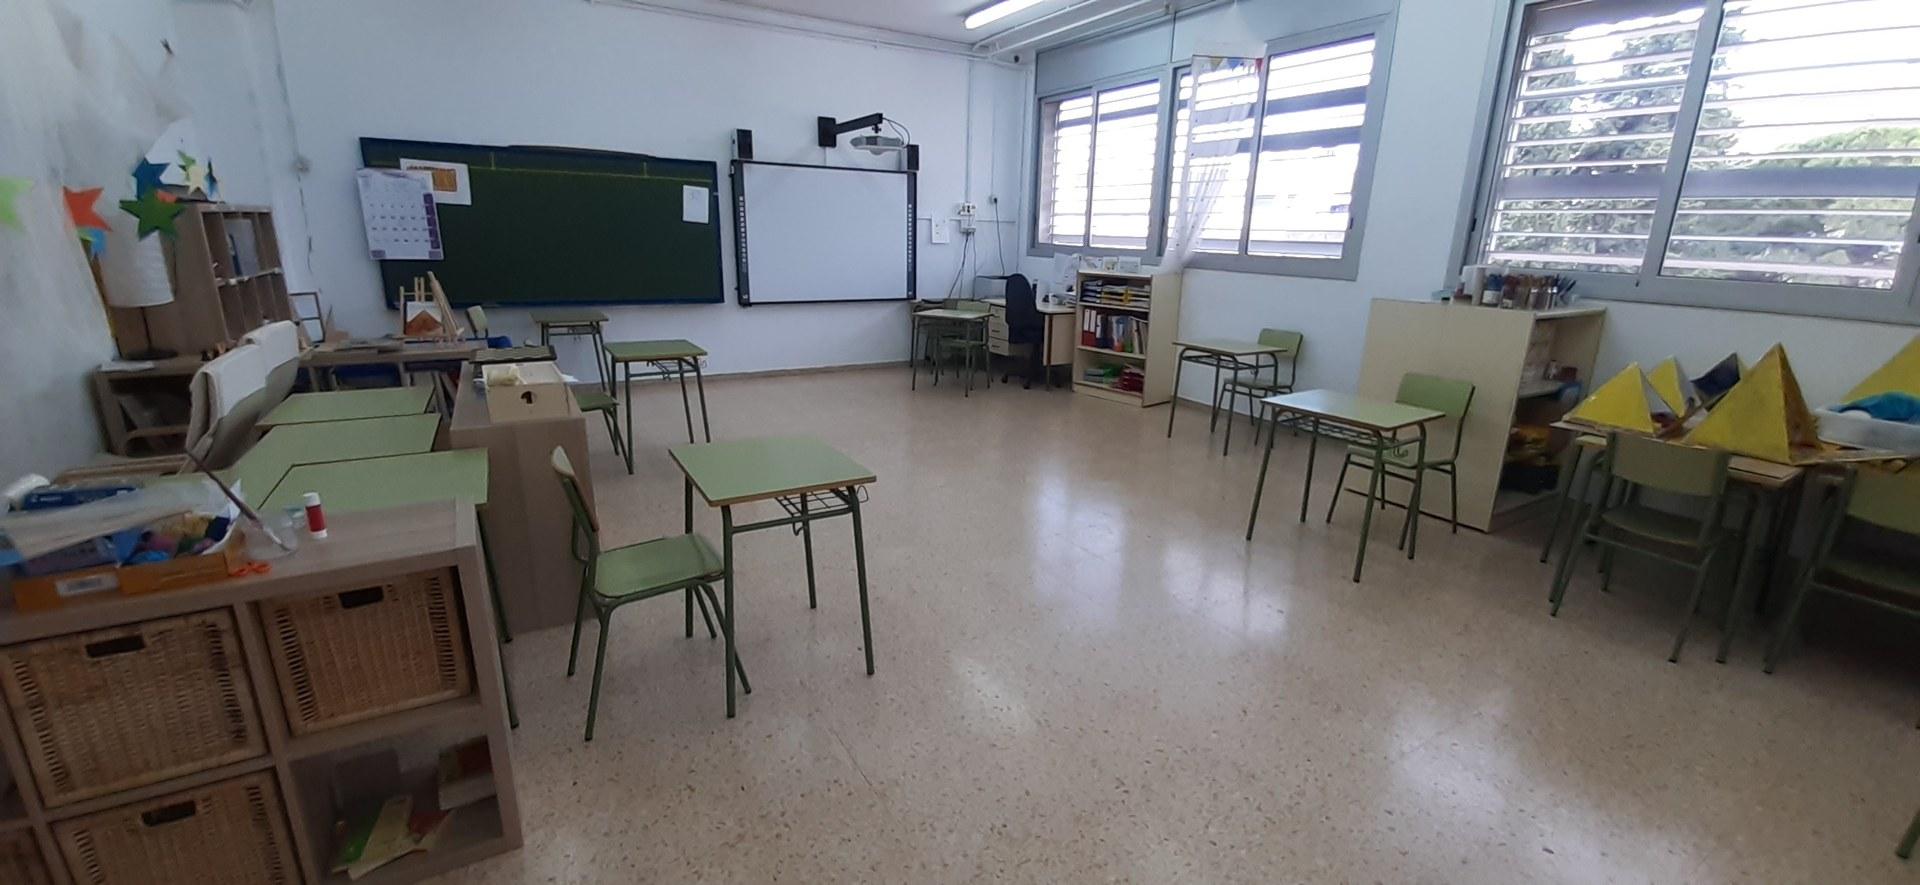 Les escoles i els instituts de Sitges es preparen per a una tornada segura a les aules